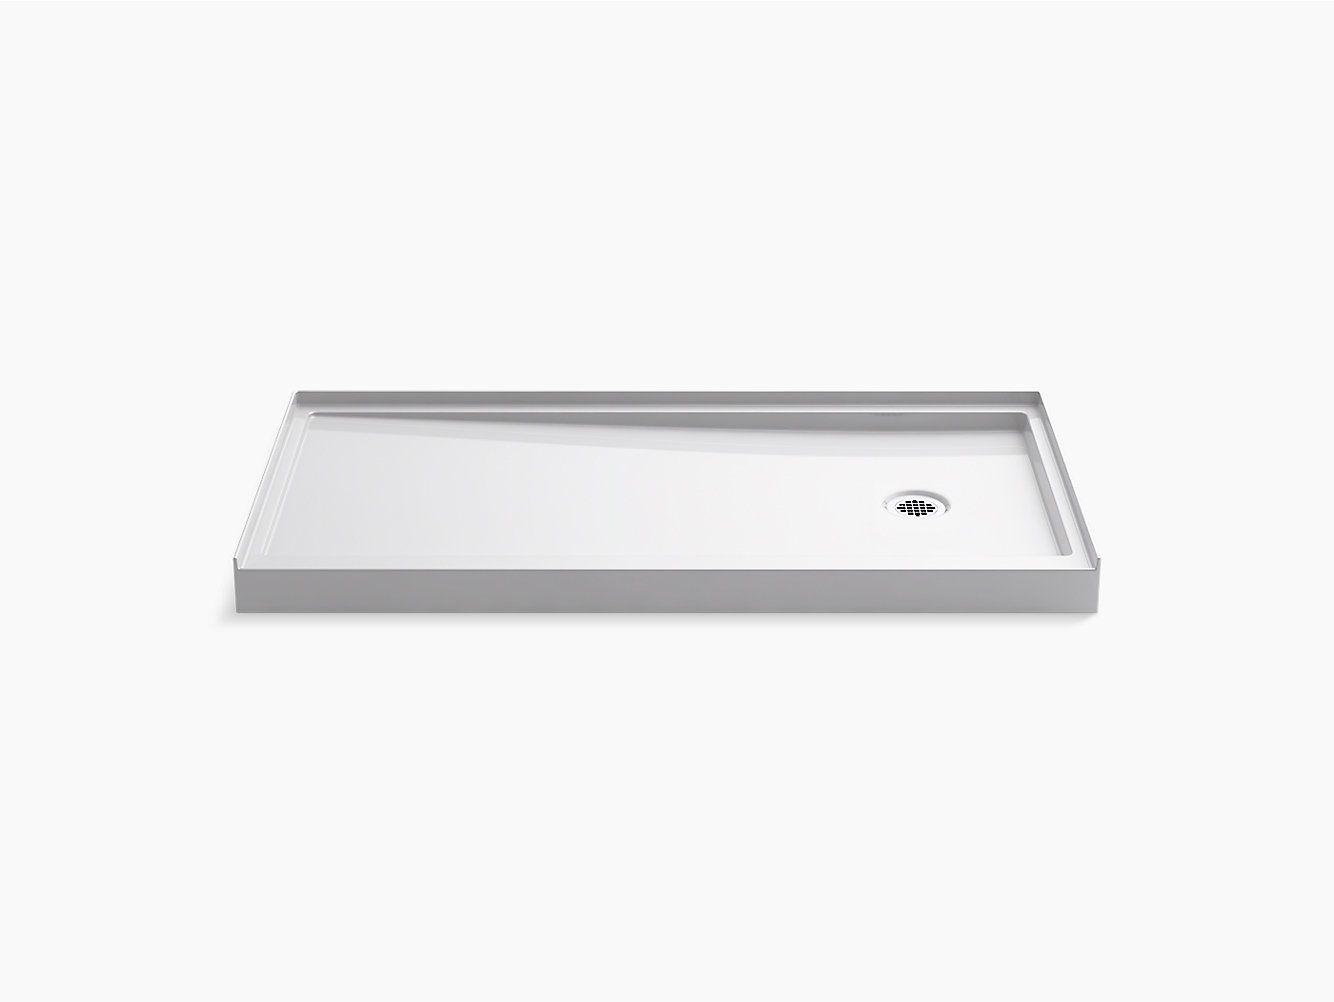 K 8642 Rely Shower Base 60 X 30 Inch Right Drain Kohler